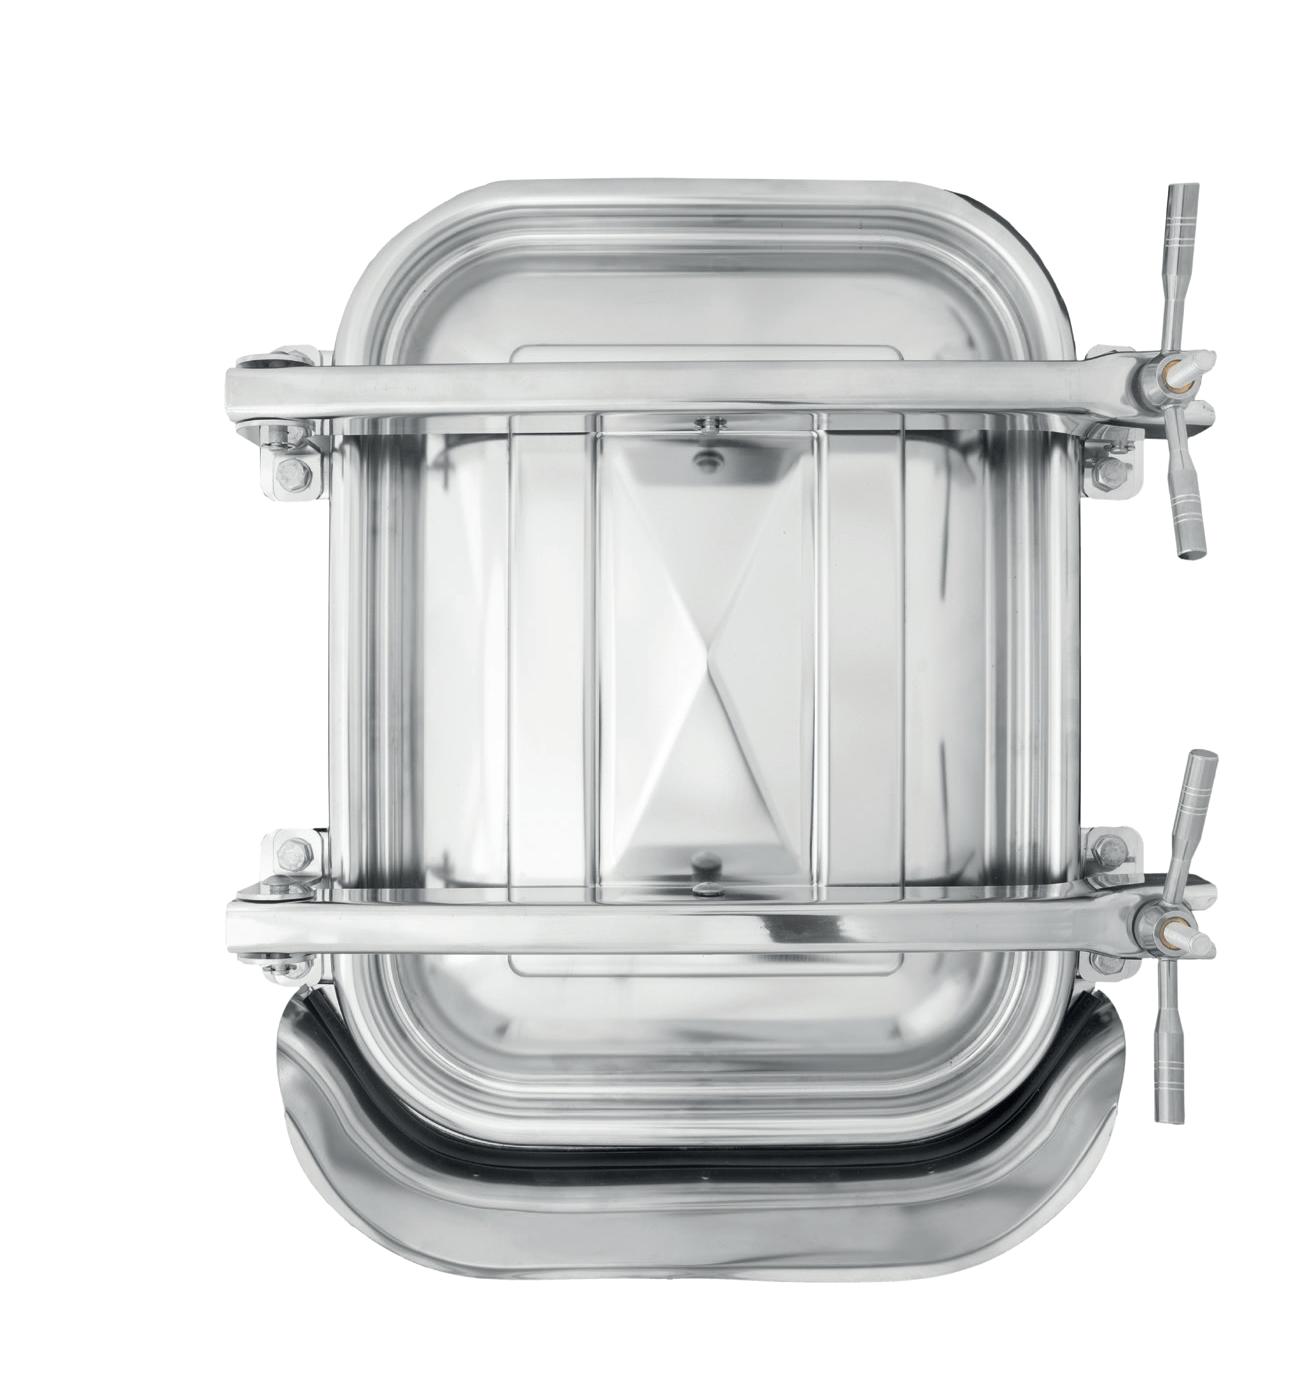 accessori-per-serbatoi-inox-porta-per-serbatoio-inox-420x530-per-cemento-2